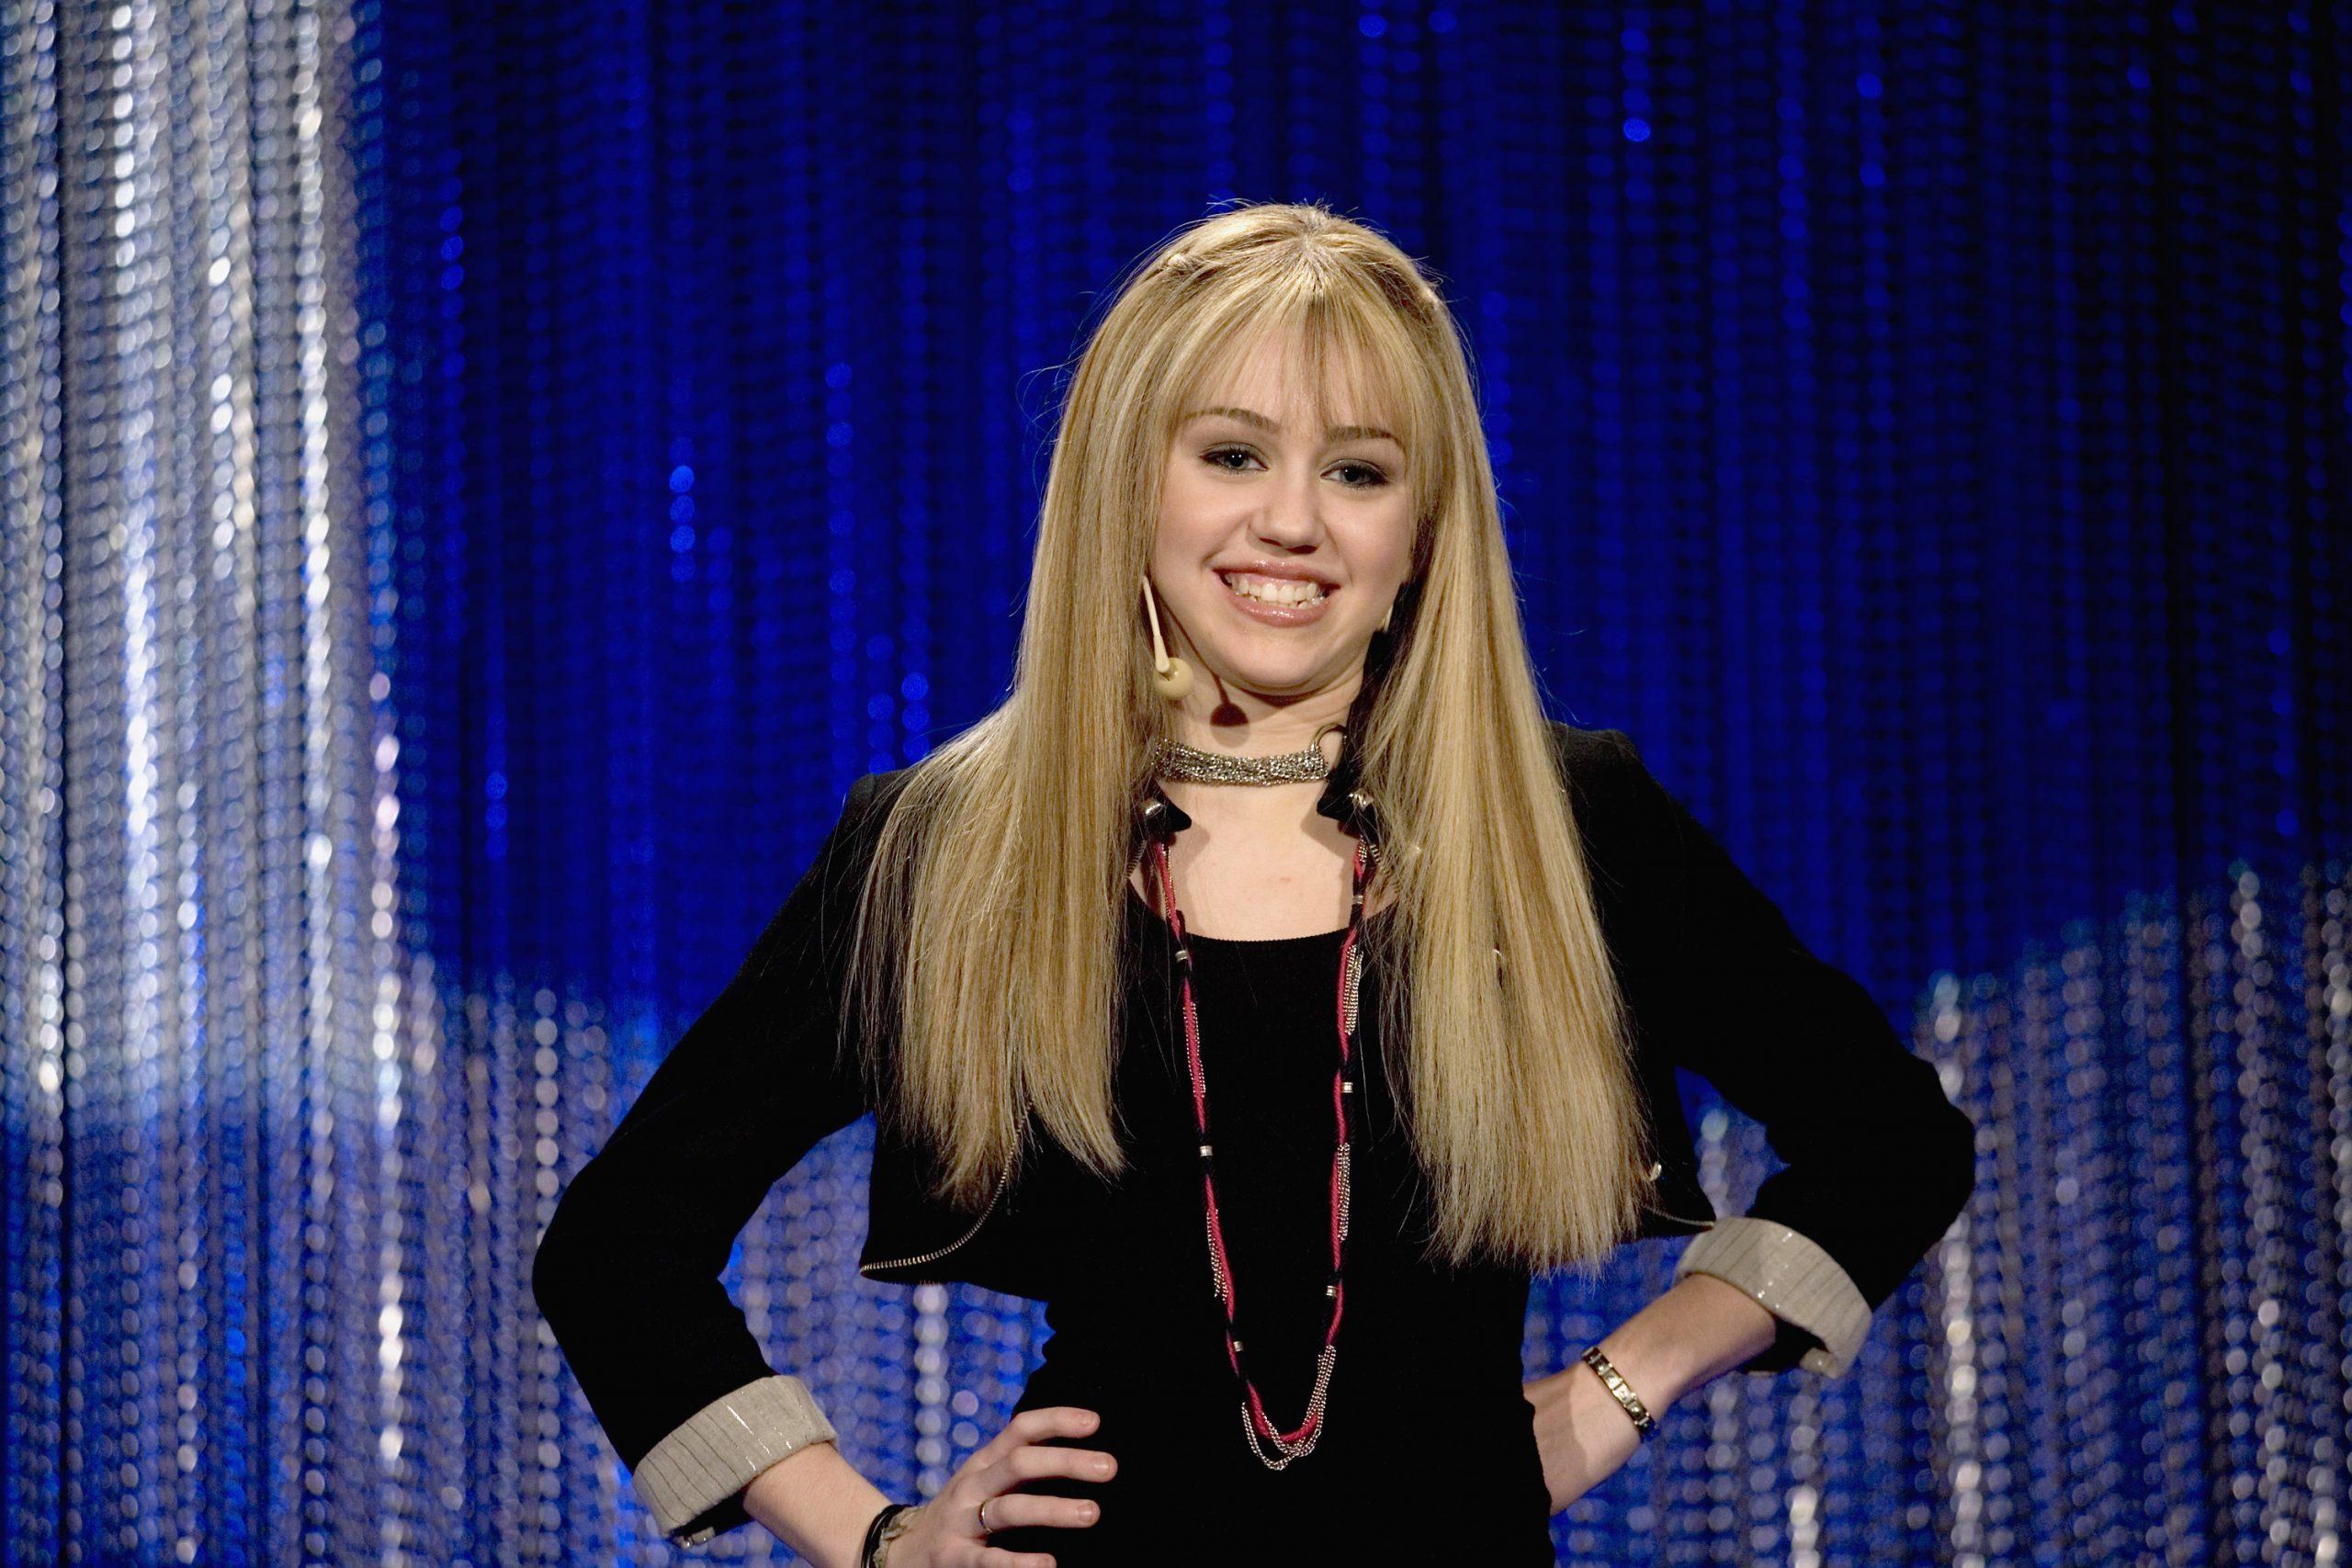 Miley Cyrus Jokes Her New Mullet Hair Is Genetic